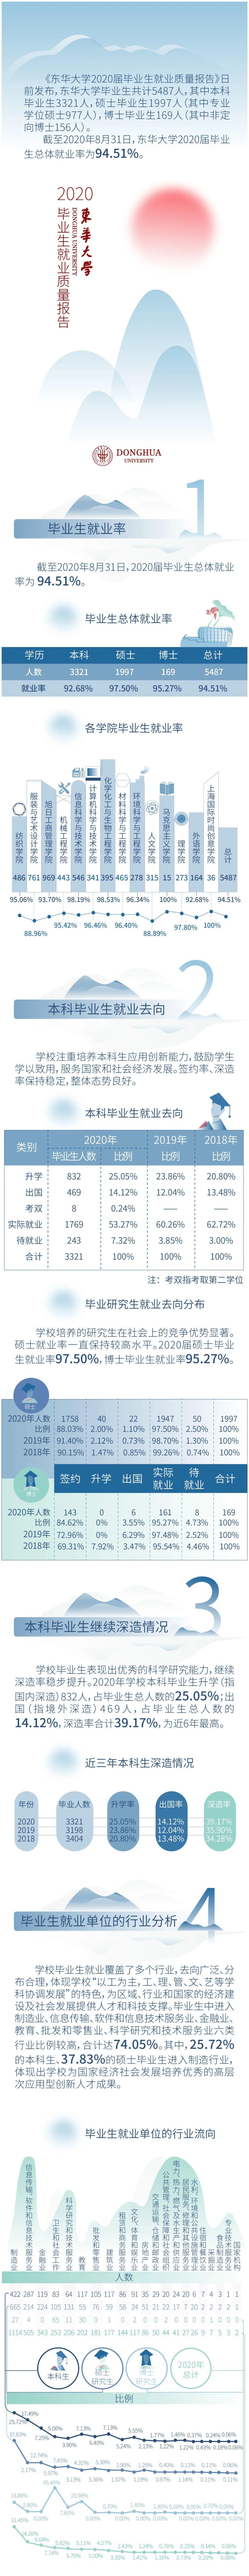 权威发布 | 东华大学2020届毕业生就业质量报告图片